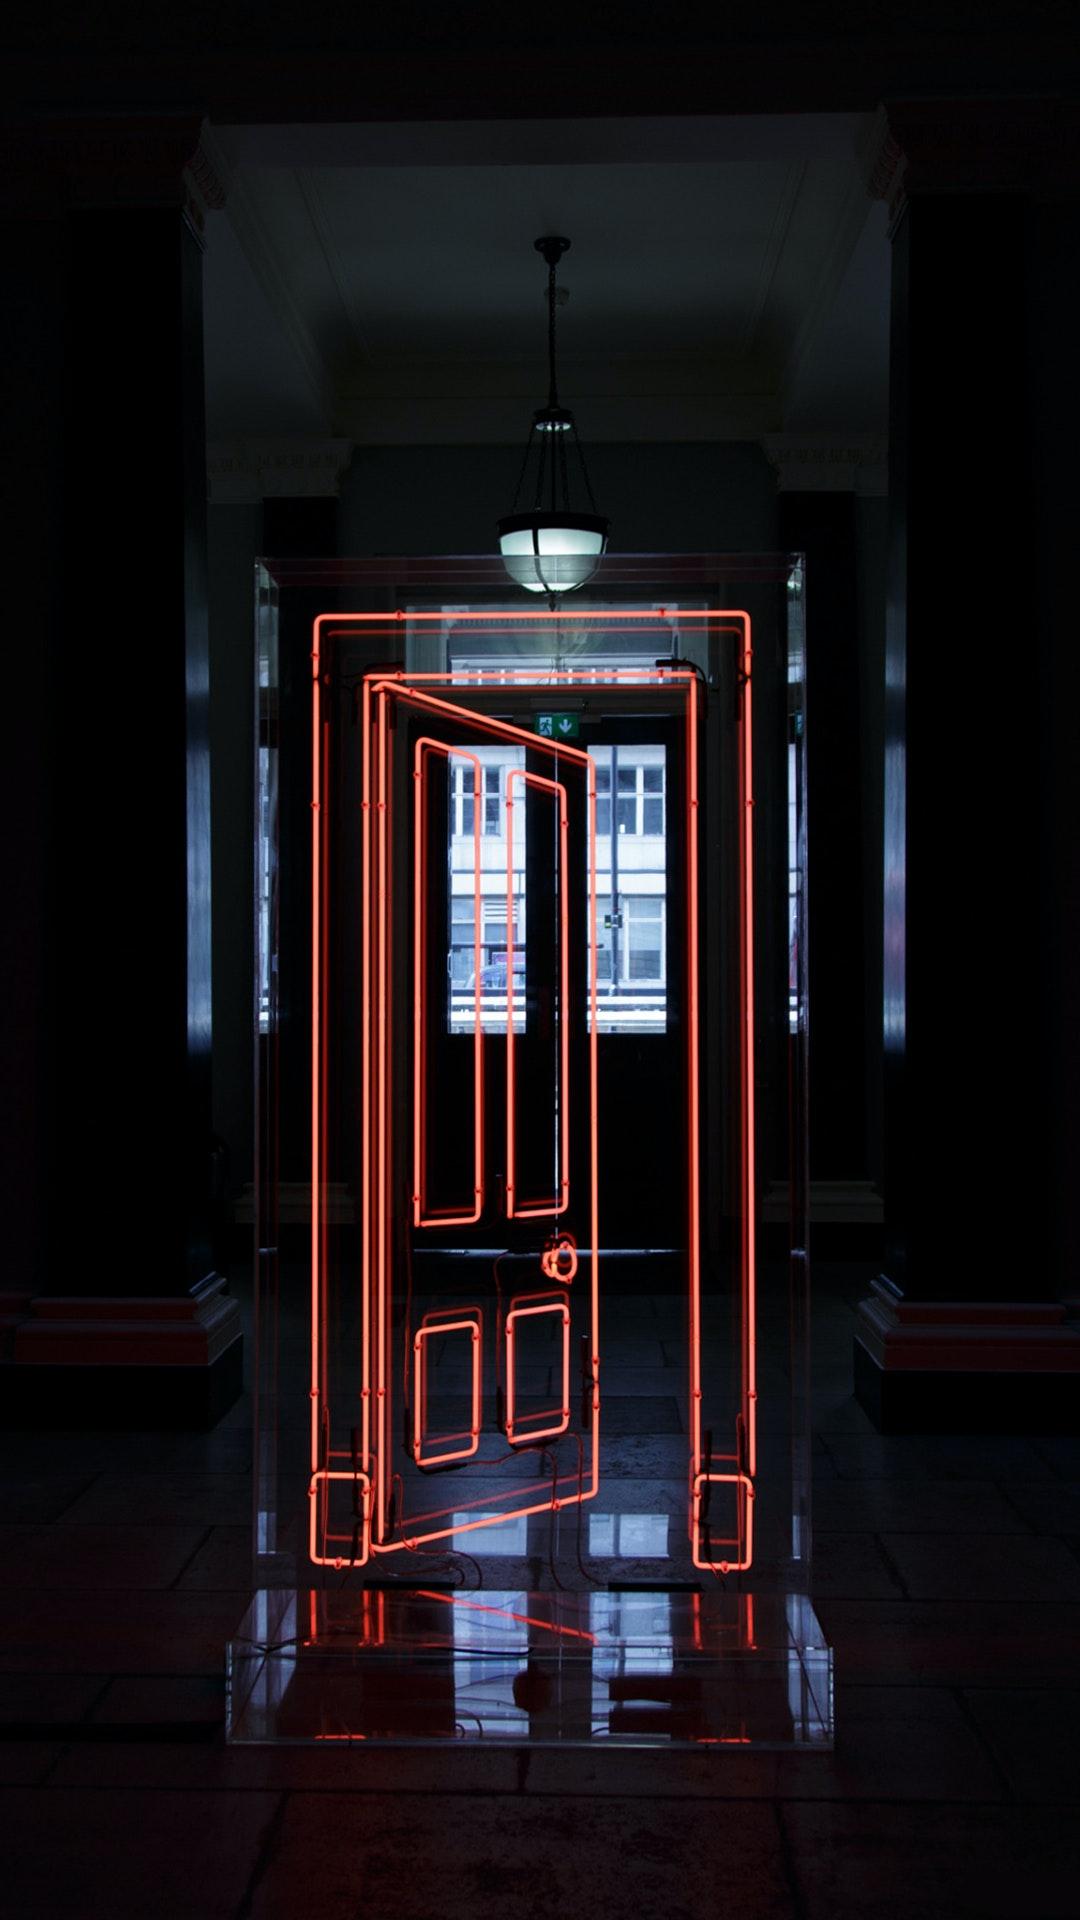 & Neon Door Installation by Gavin Turk - Electric Objects